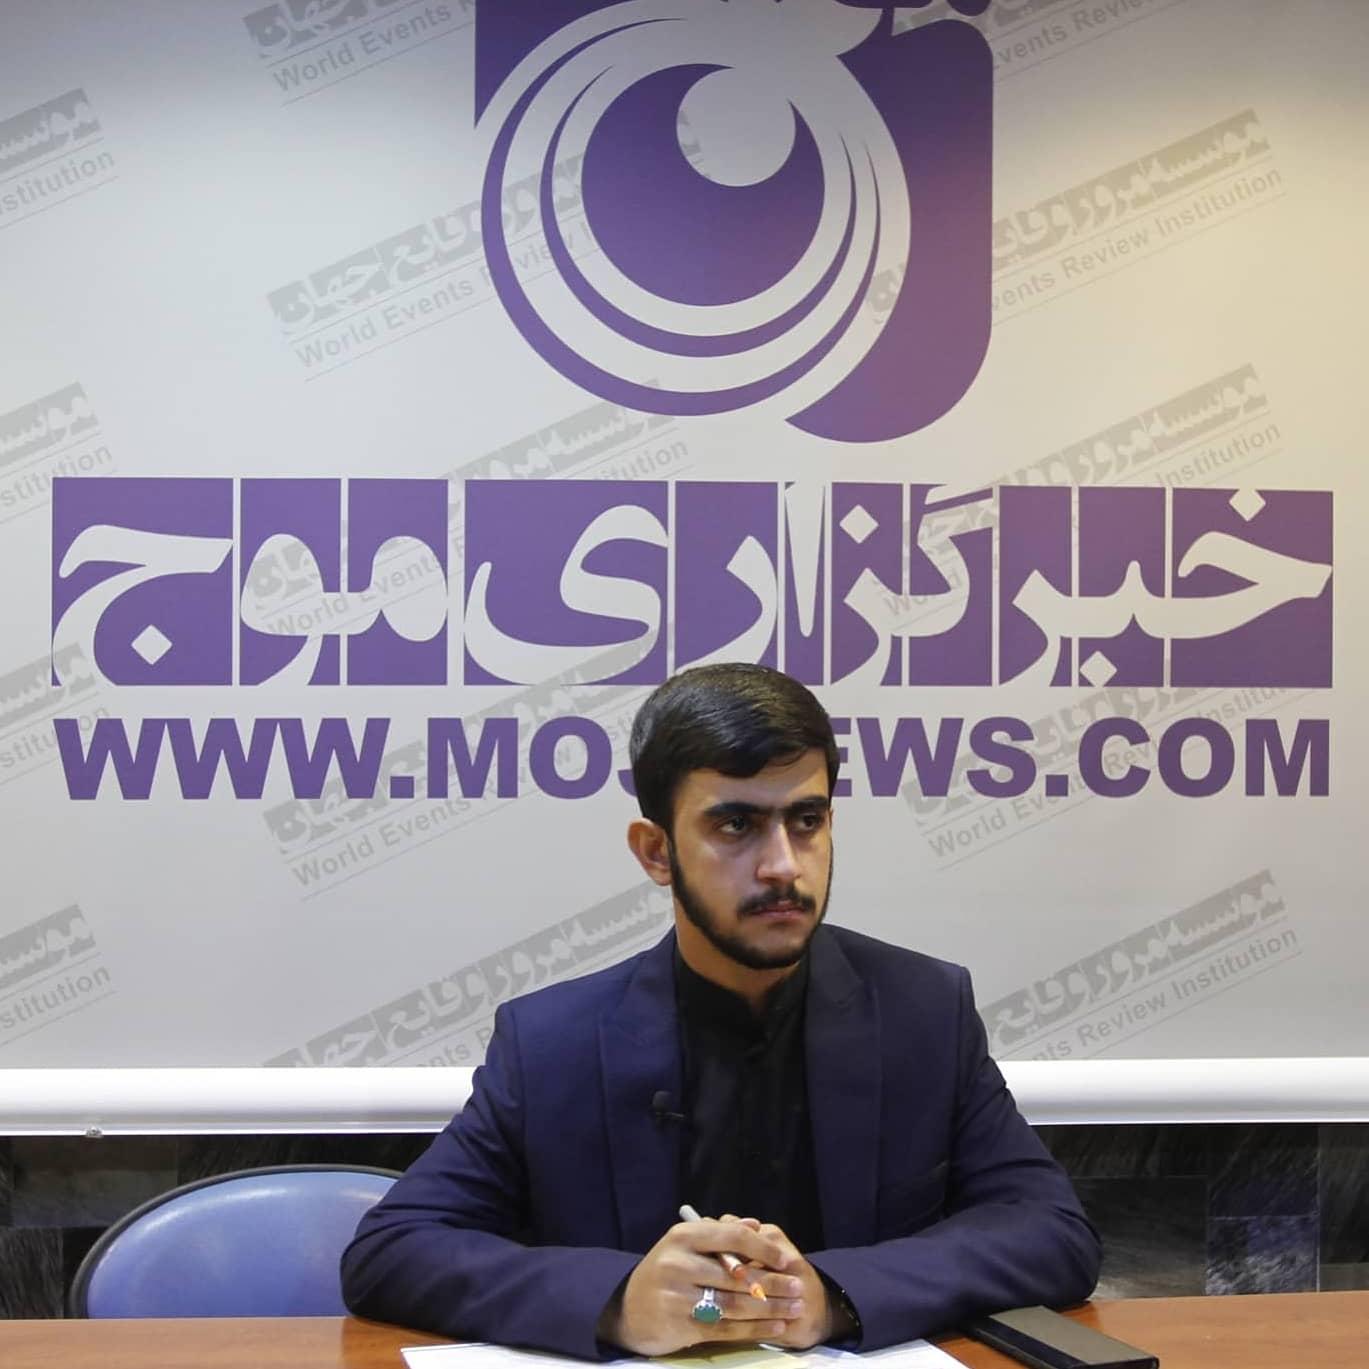 گزارش تصویری/ بازدید جوانترین فرمانده کشور از خبرگزاریهای موج و پارسینه